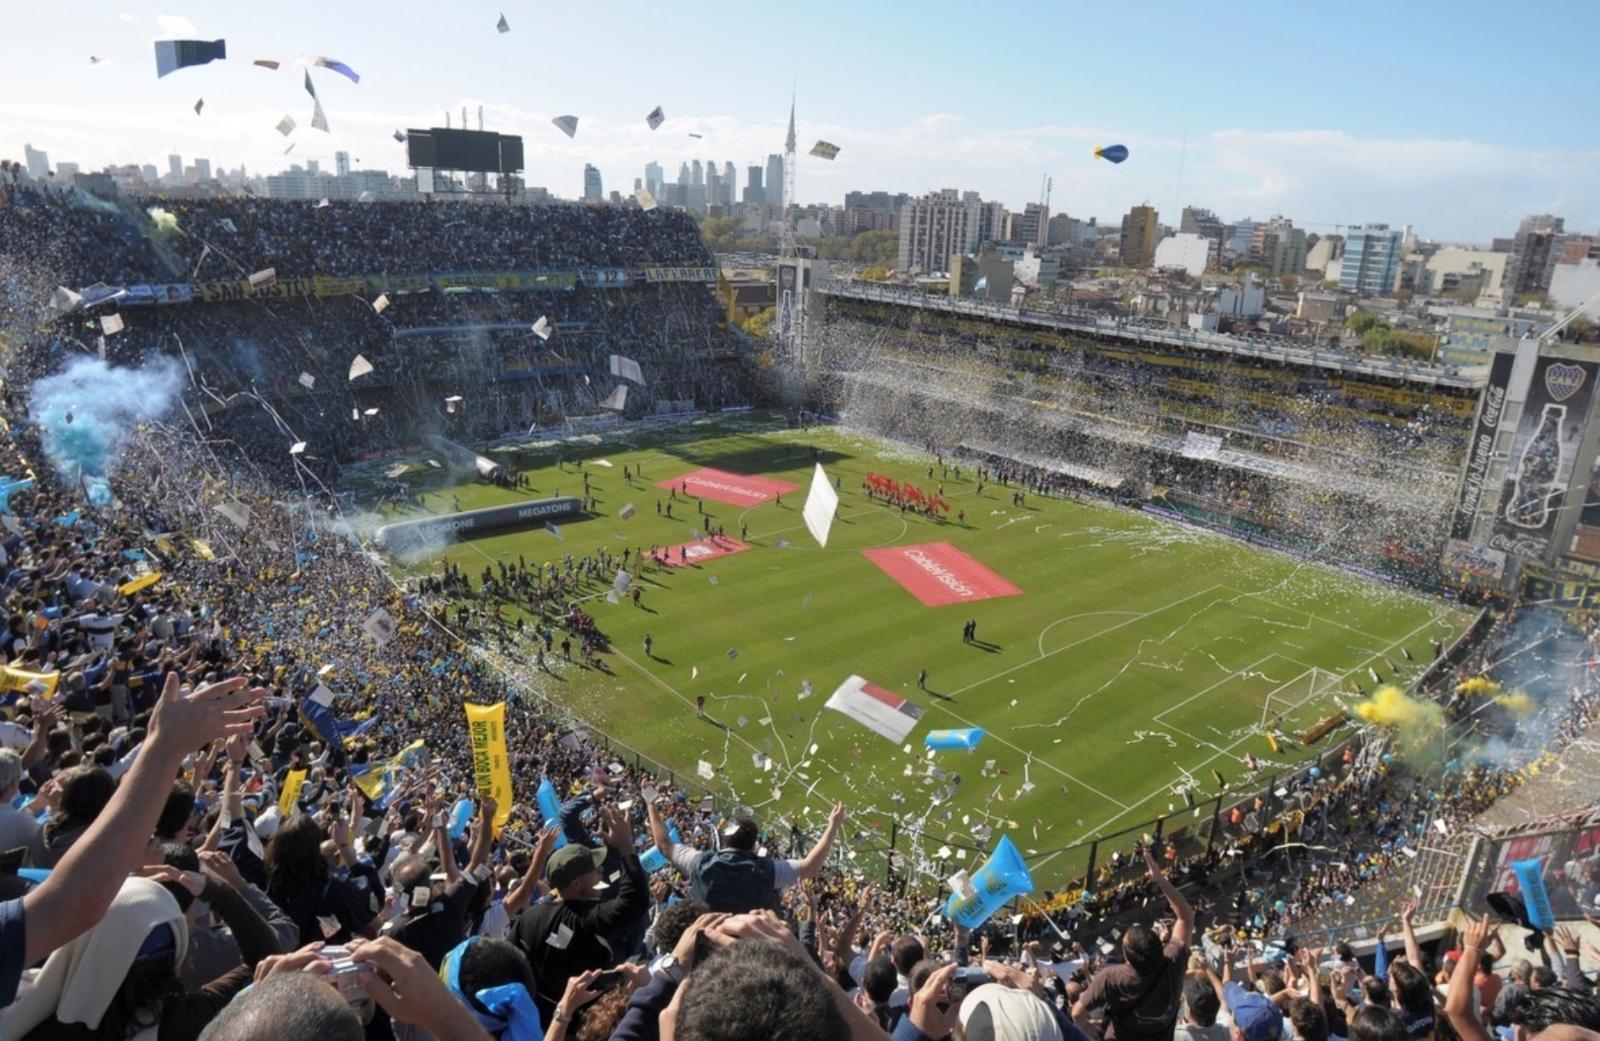 Eliminatorias: Argentina vs. Perú se juega en La Bombonera